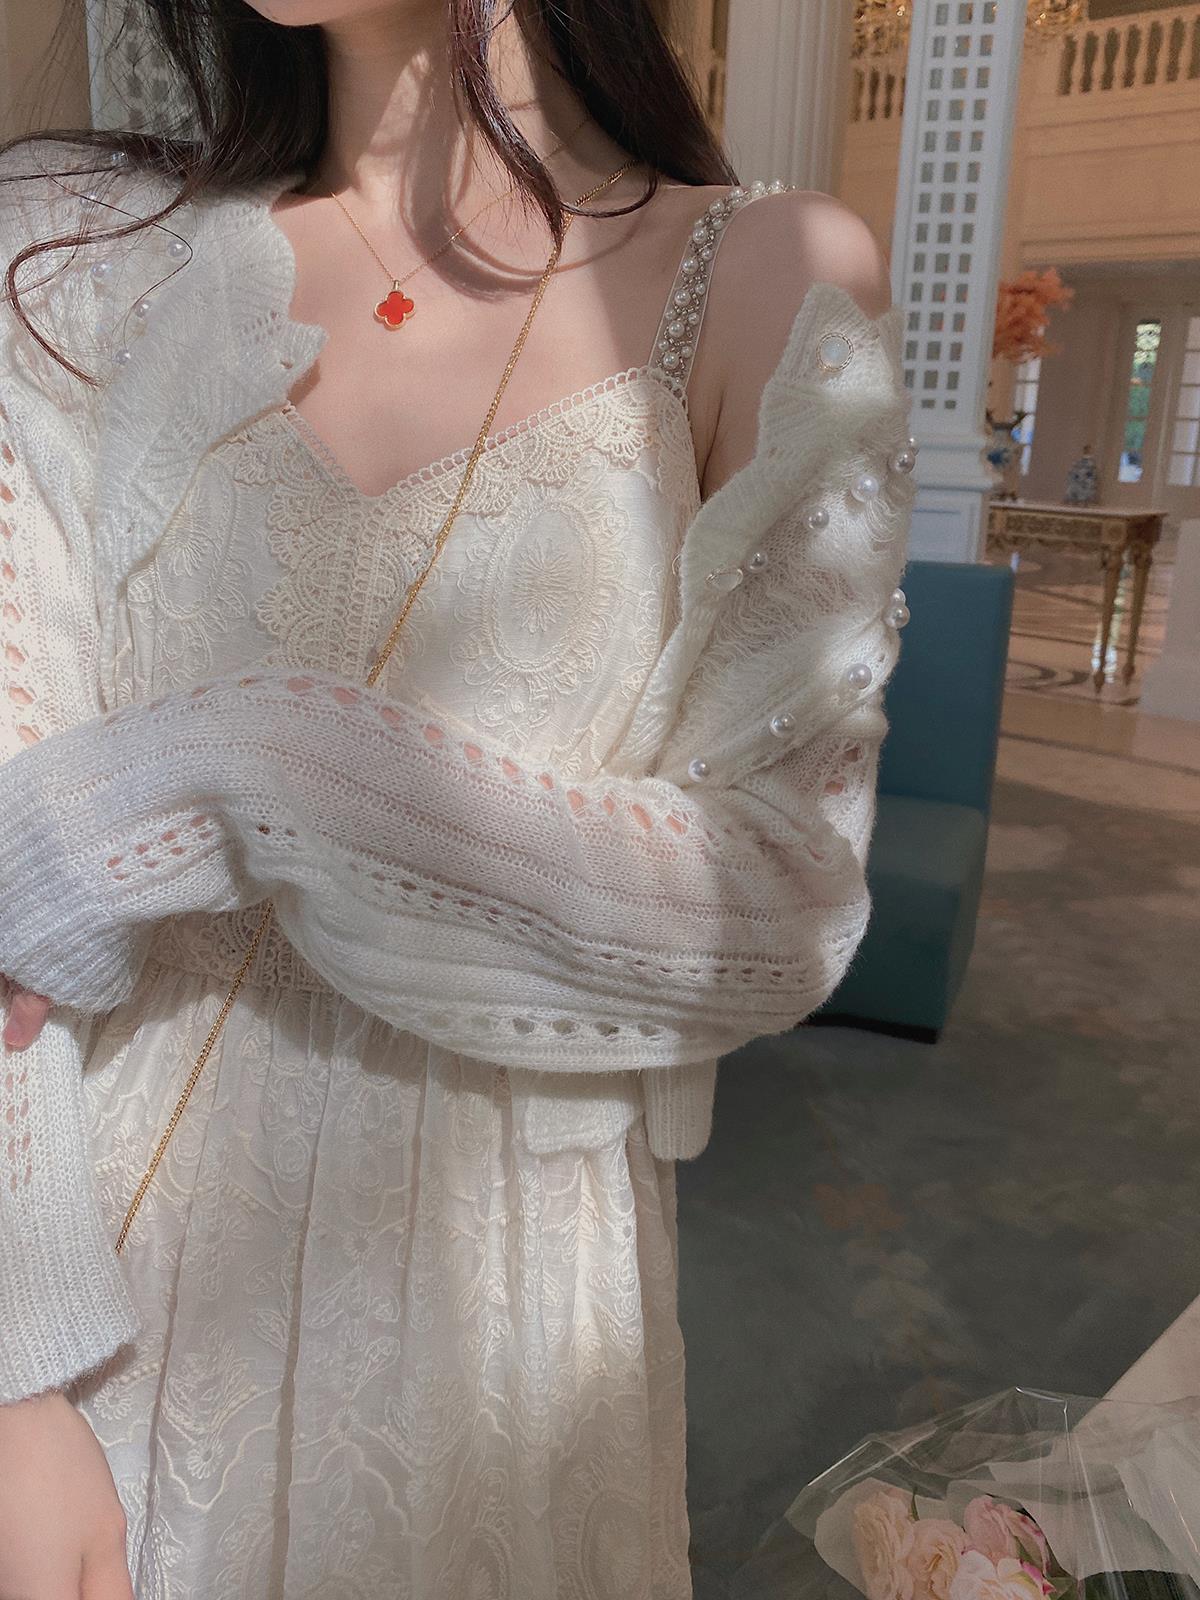 白色吊带连衣裙 白色重工蕾丝吊带连衣裙女长款2021刺绣法式设计感小众度假裙子夏_推荐淘宝好看的白色吊带连衣裙